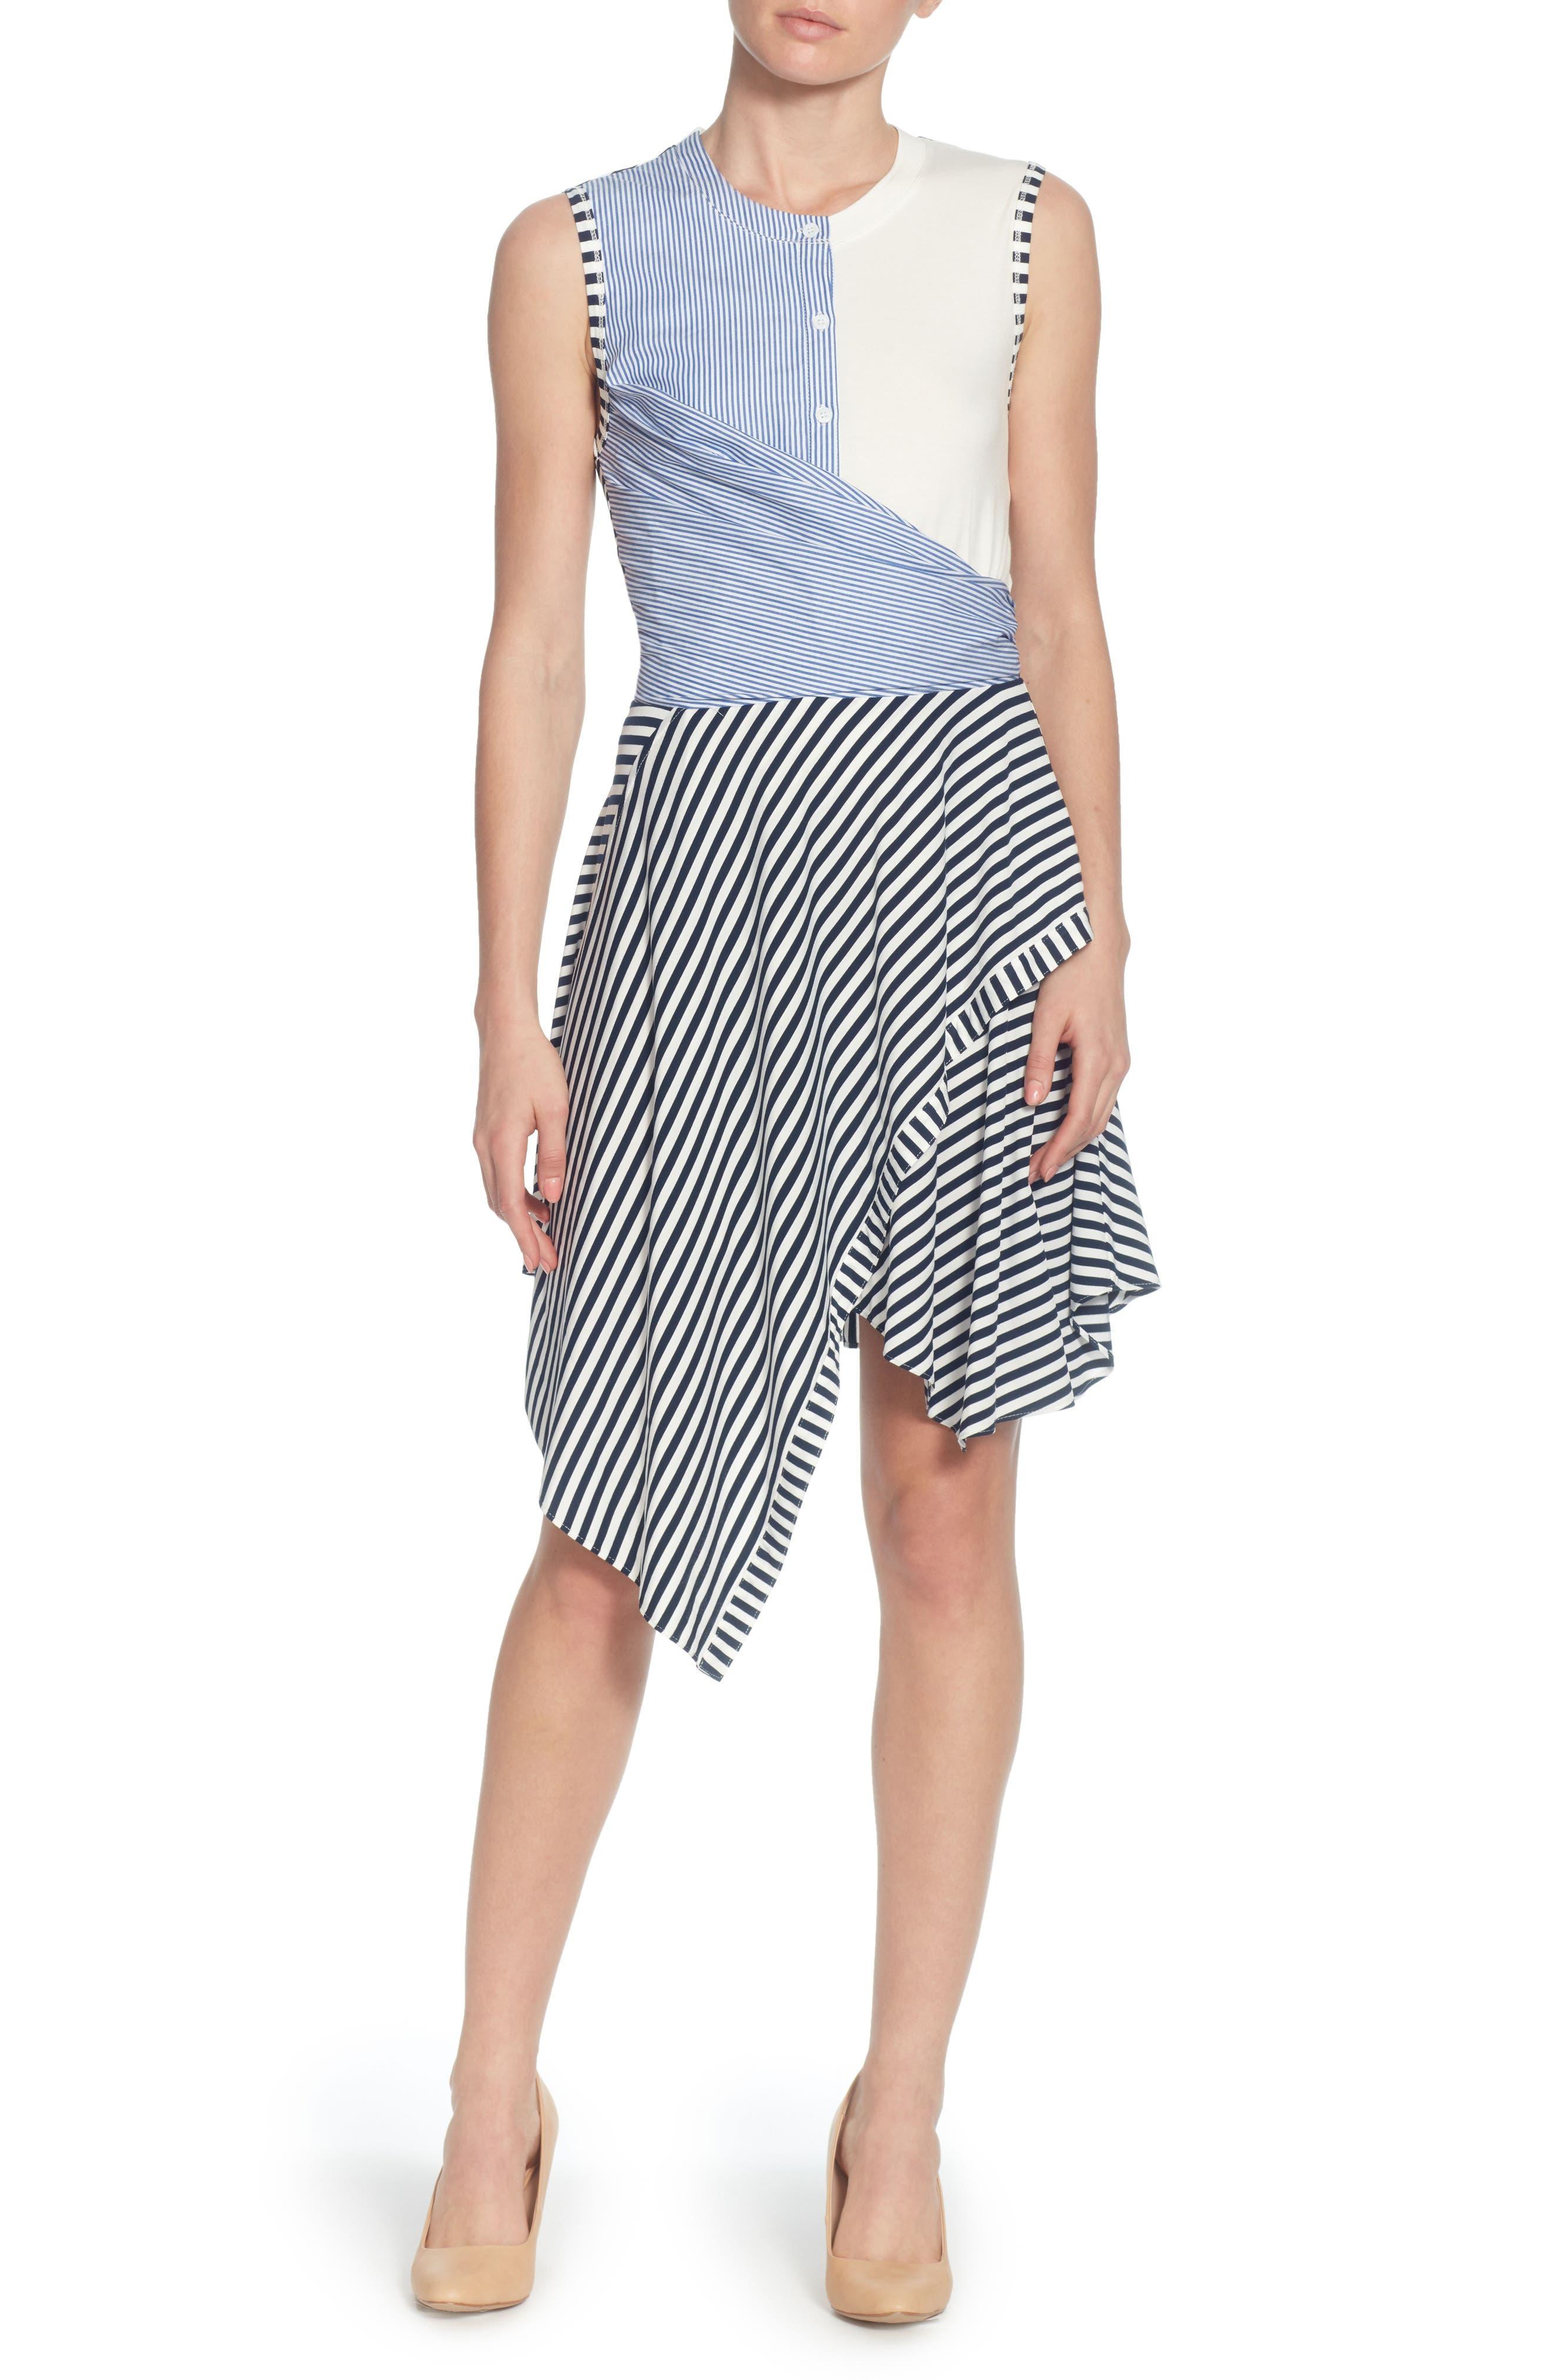 Pattern Mix Asymmetrical Stripe Dress,                             Main thumbnail 1, color,                             Blue/ White Stripe